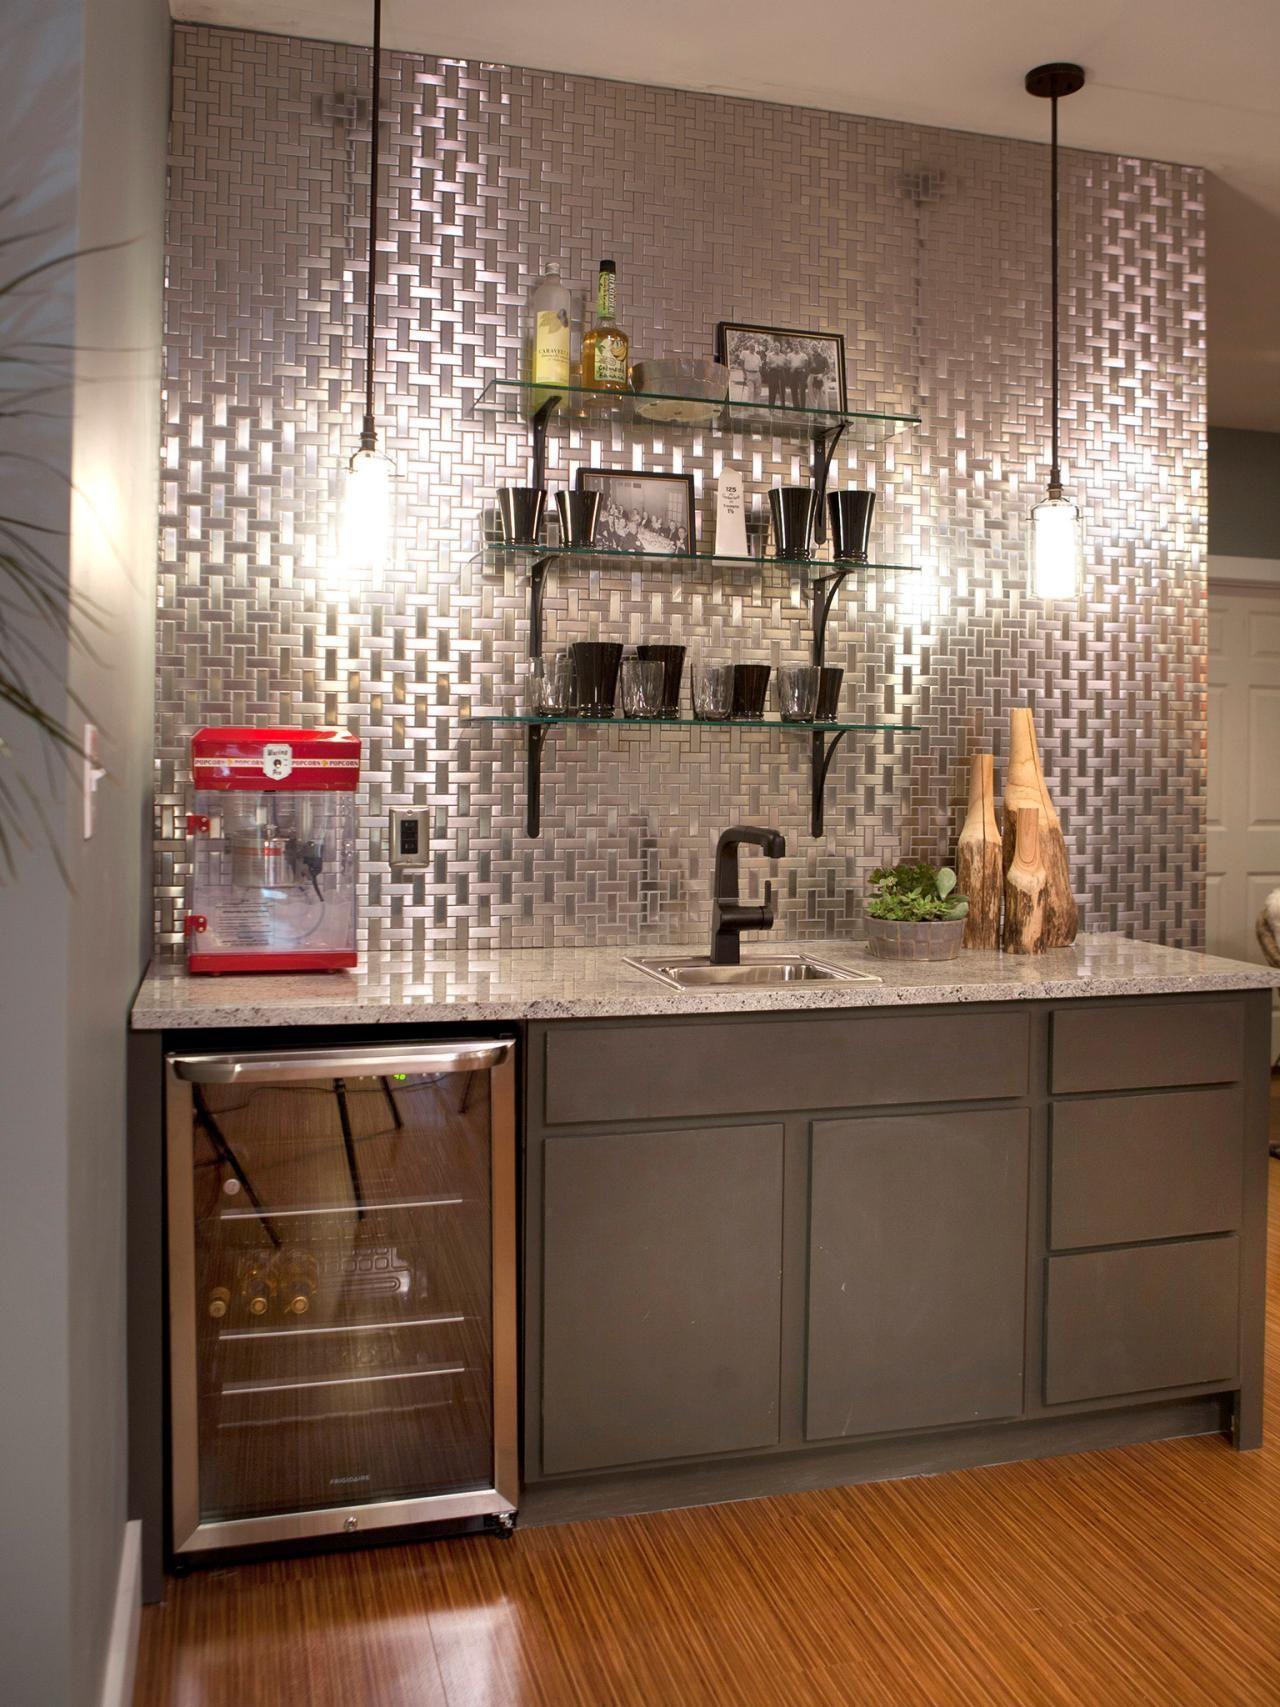 Basement Wet Bar Design beautiful wet bar ideas for basement 9 basement wet bar designs Home Bar Ideas 89 Design Options